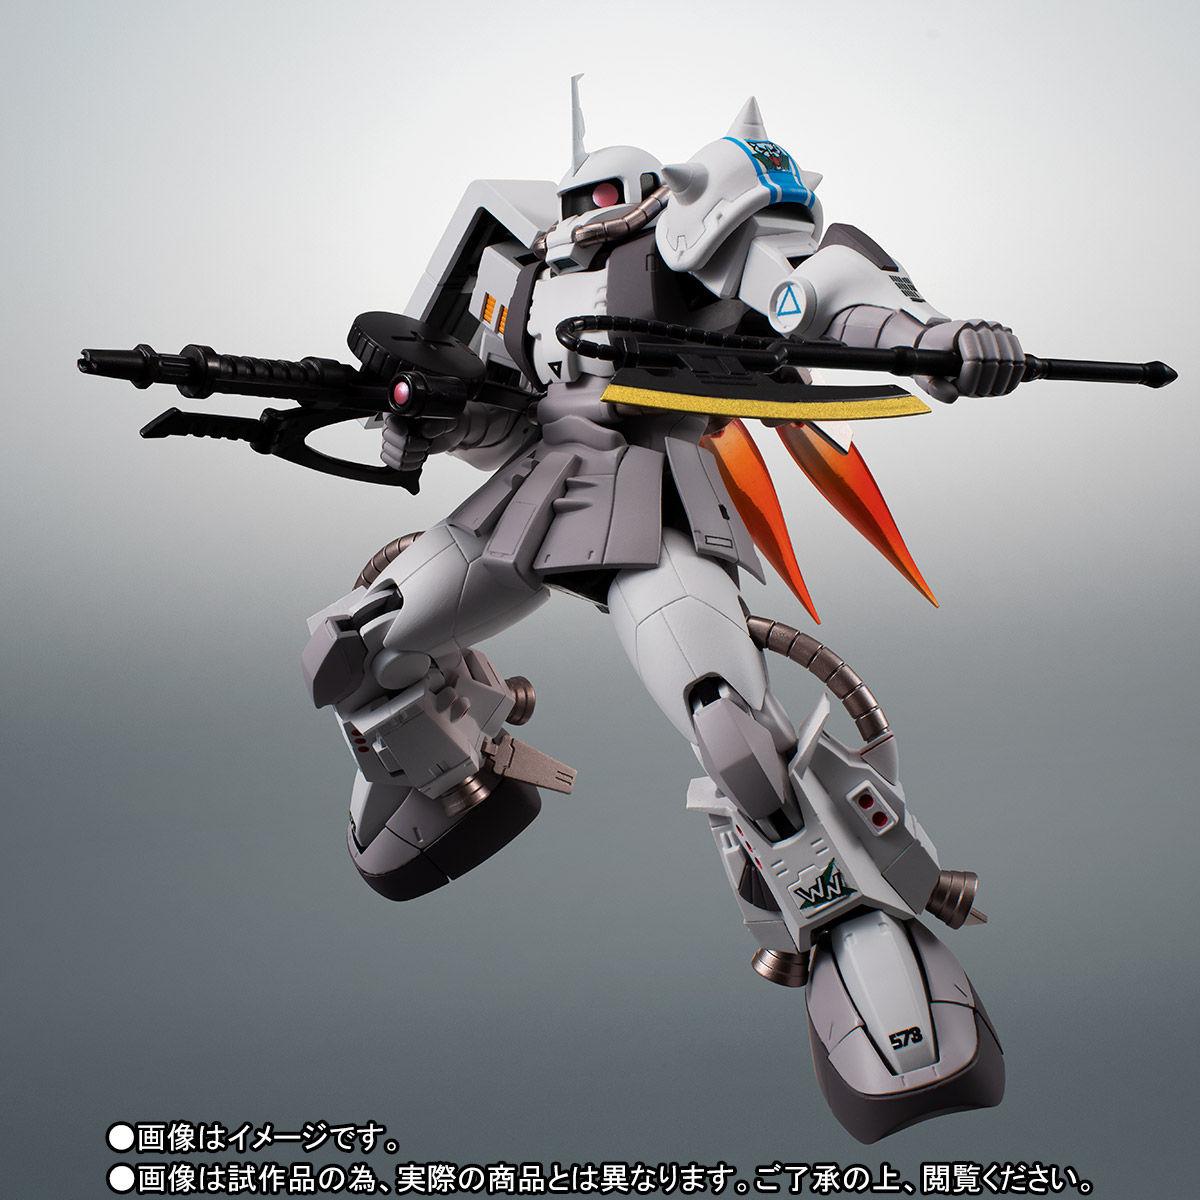 【限定販売】ROBOT魂〈SIDE MS〉『MS-06R-1A シン・マツナガ専用高機動型ザクII ver. A.N.I.M.E.』ダンダムMSV 可動フィギュア-007